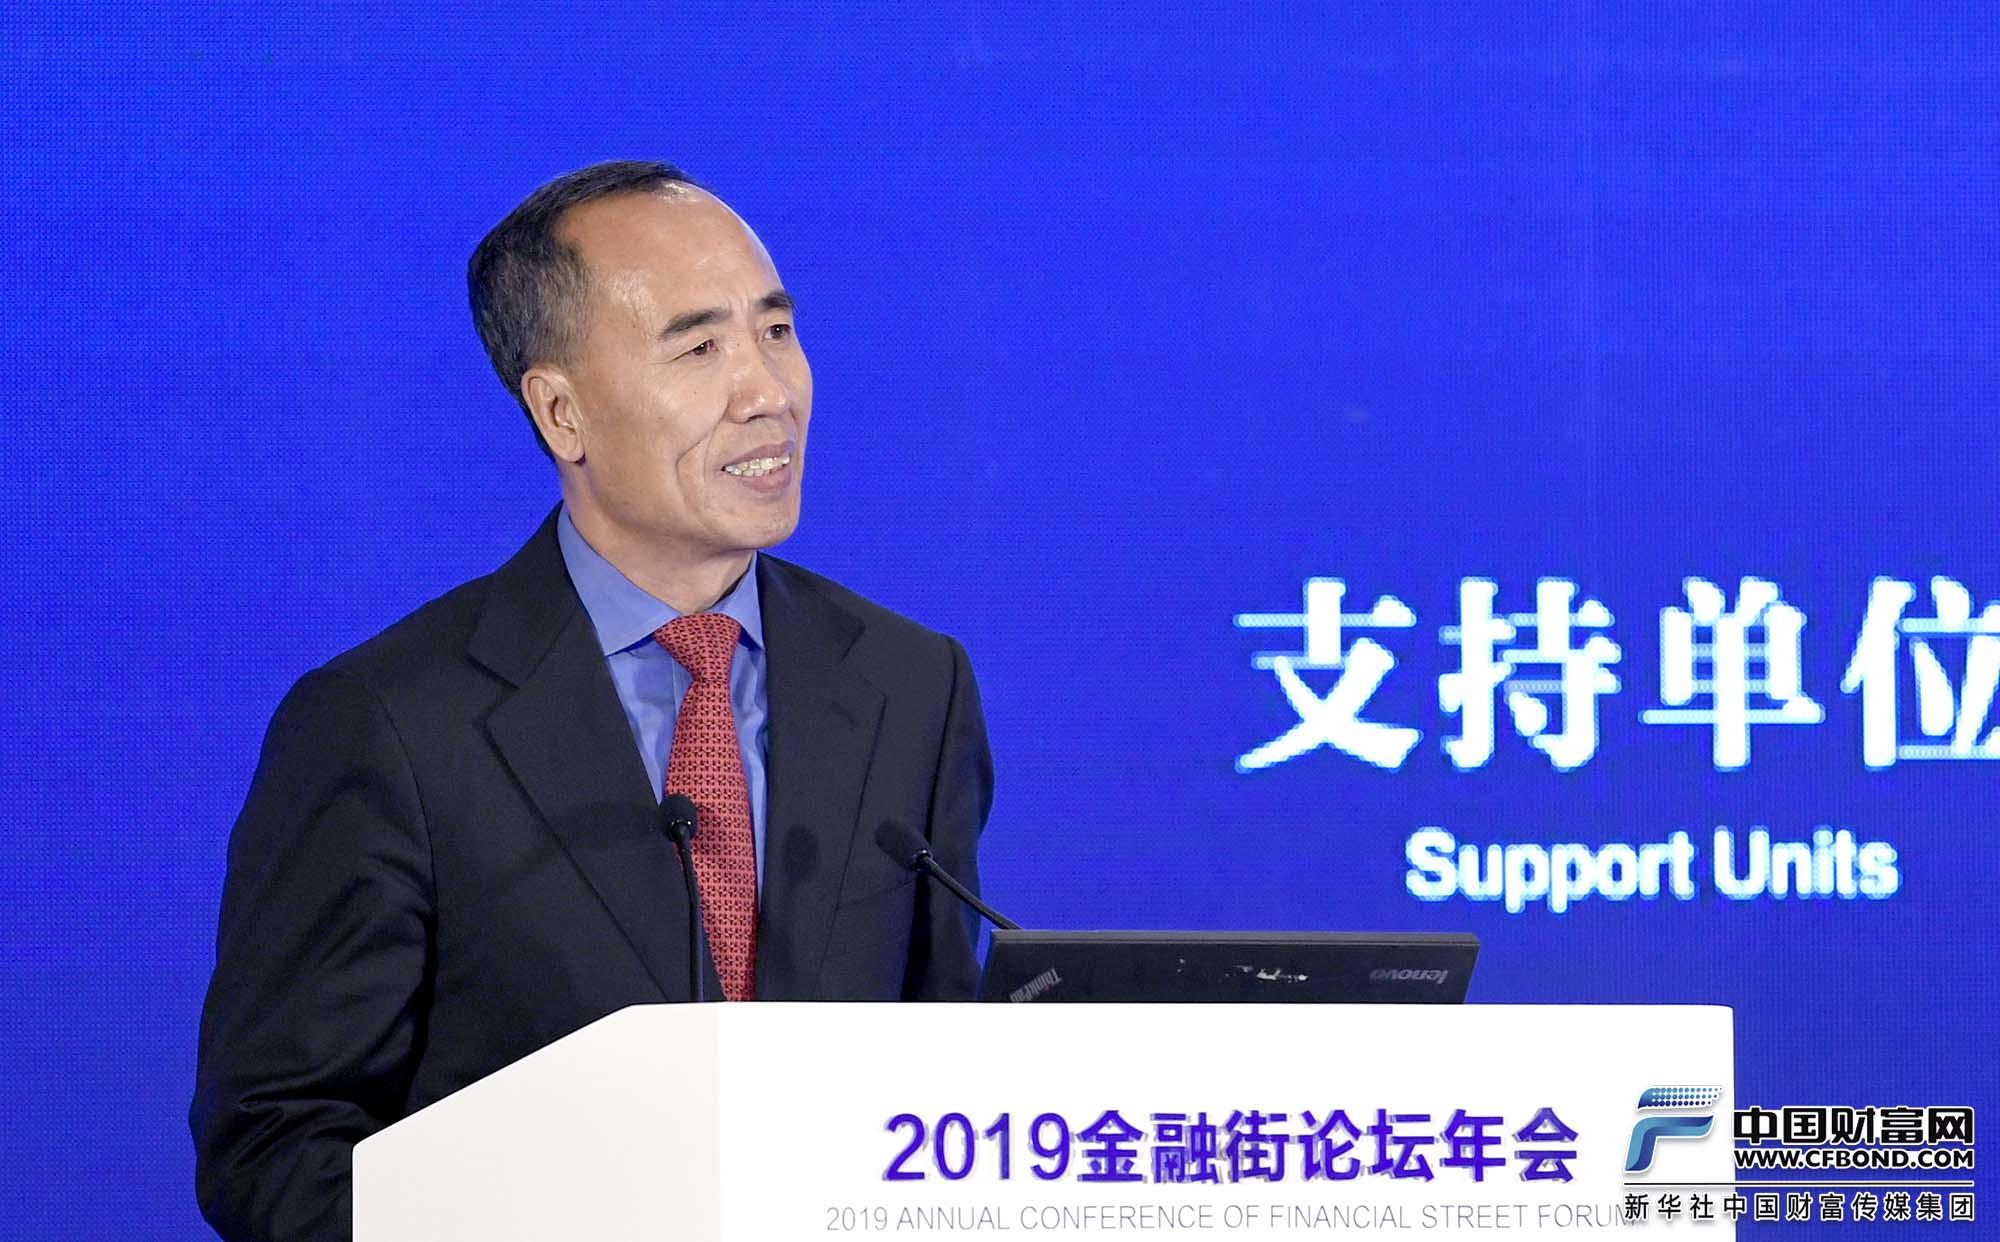 王兆星:进一步扩大外资银行和保险机构经营范围